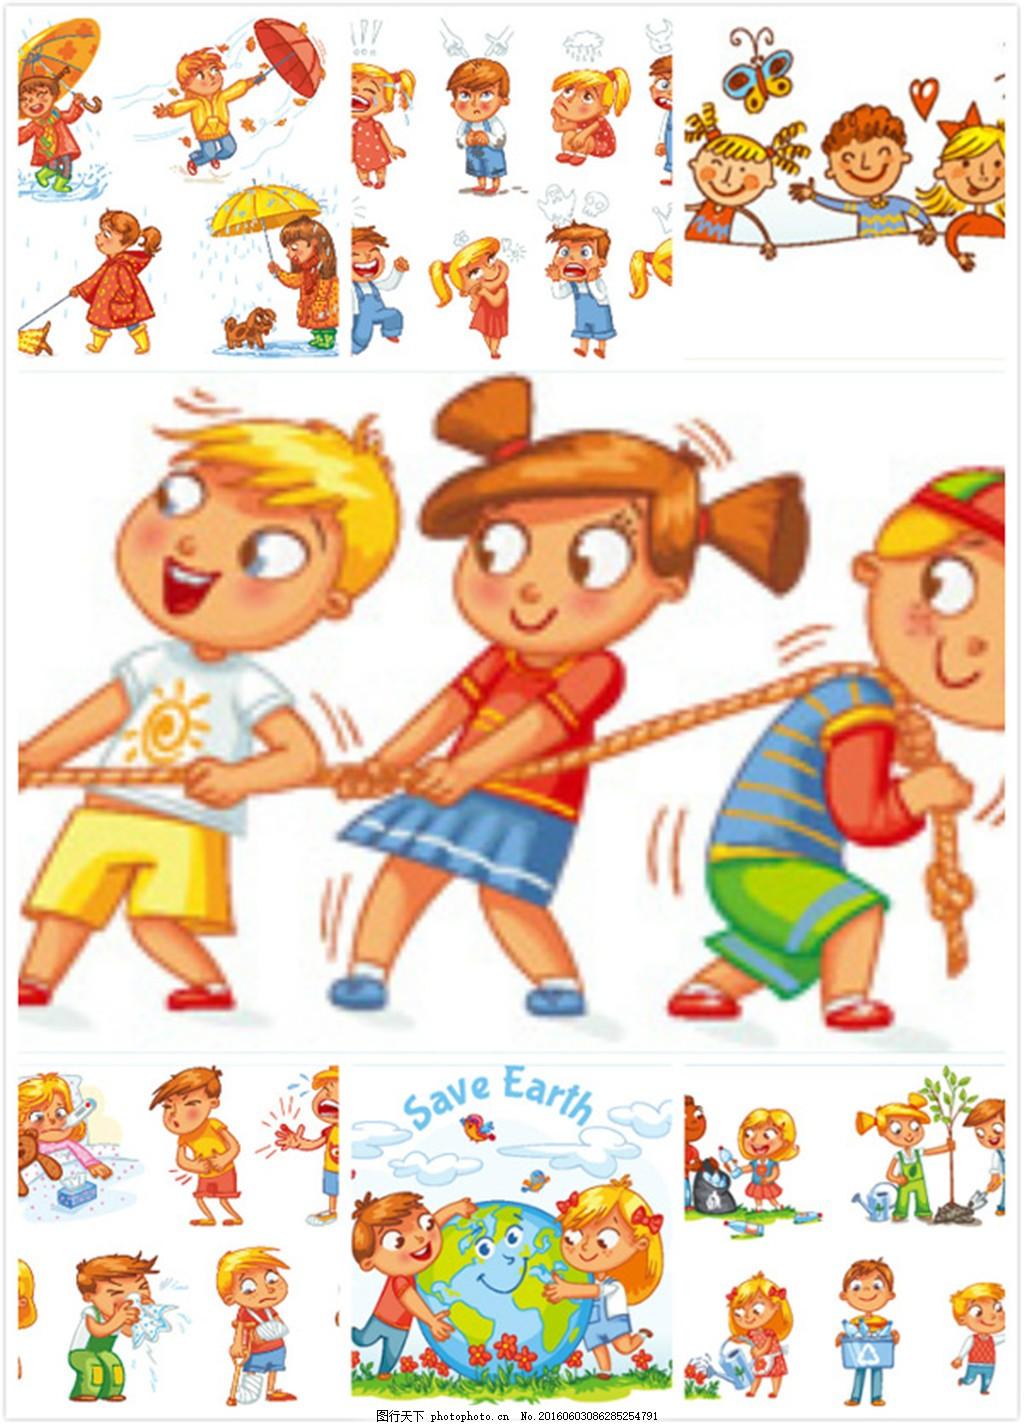 卡通儿童孩子矢量 白色 可爱的卡通儿童设计矢量素材 花束求婚婴儿